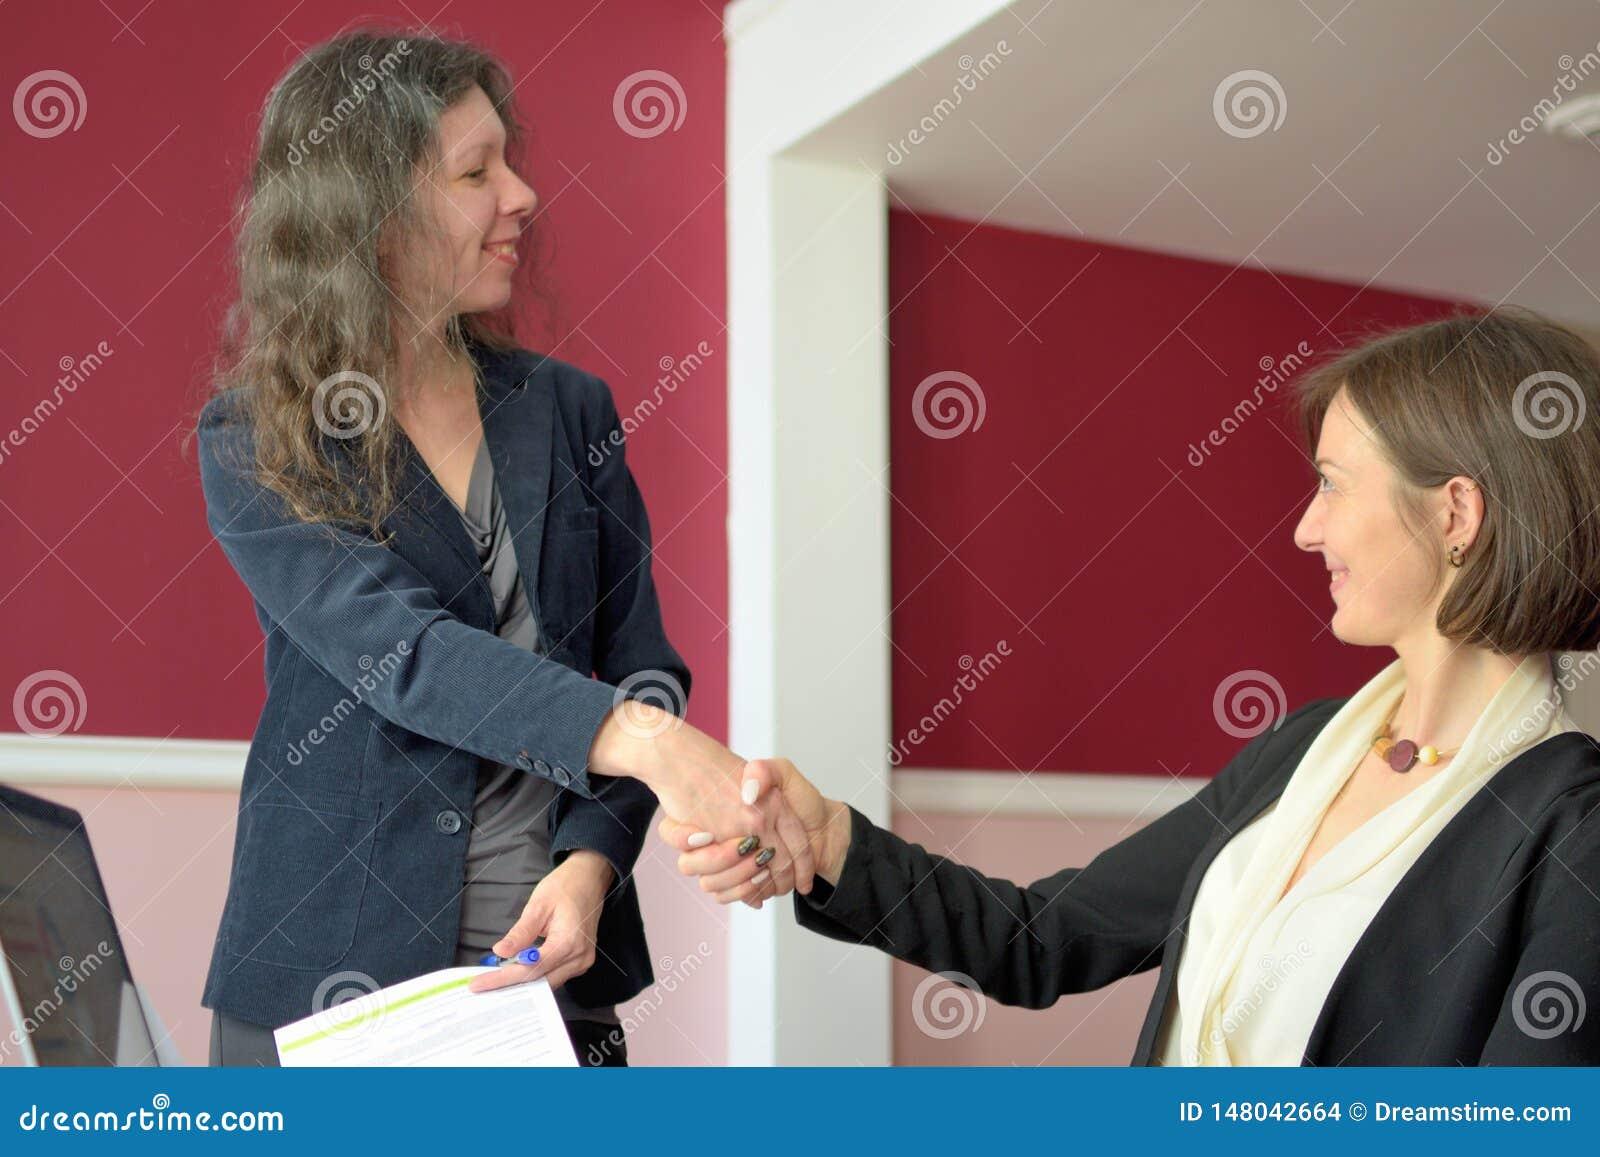 Les jeunes ont vivement habill? la dame aident une autre jeune dame ? travailler avec des documents, des formes de suffisance et